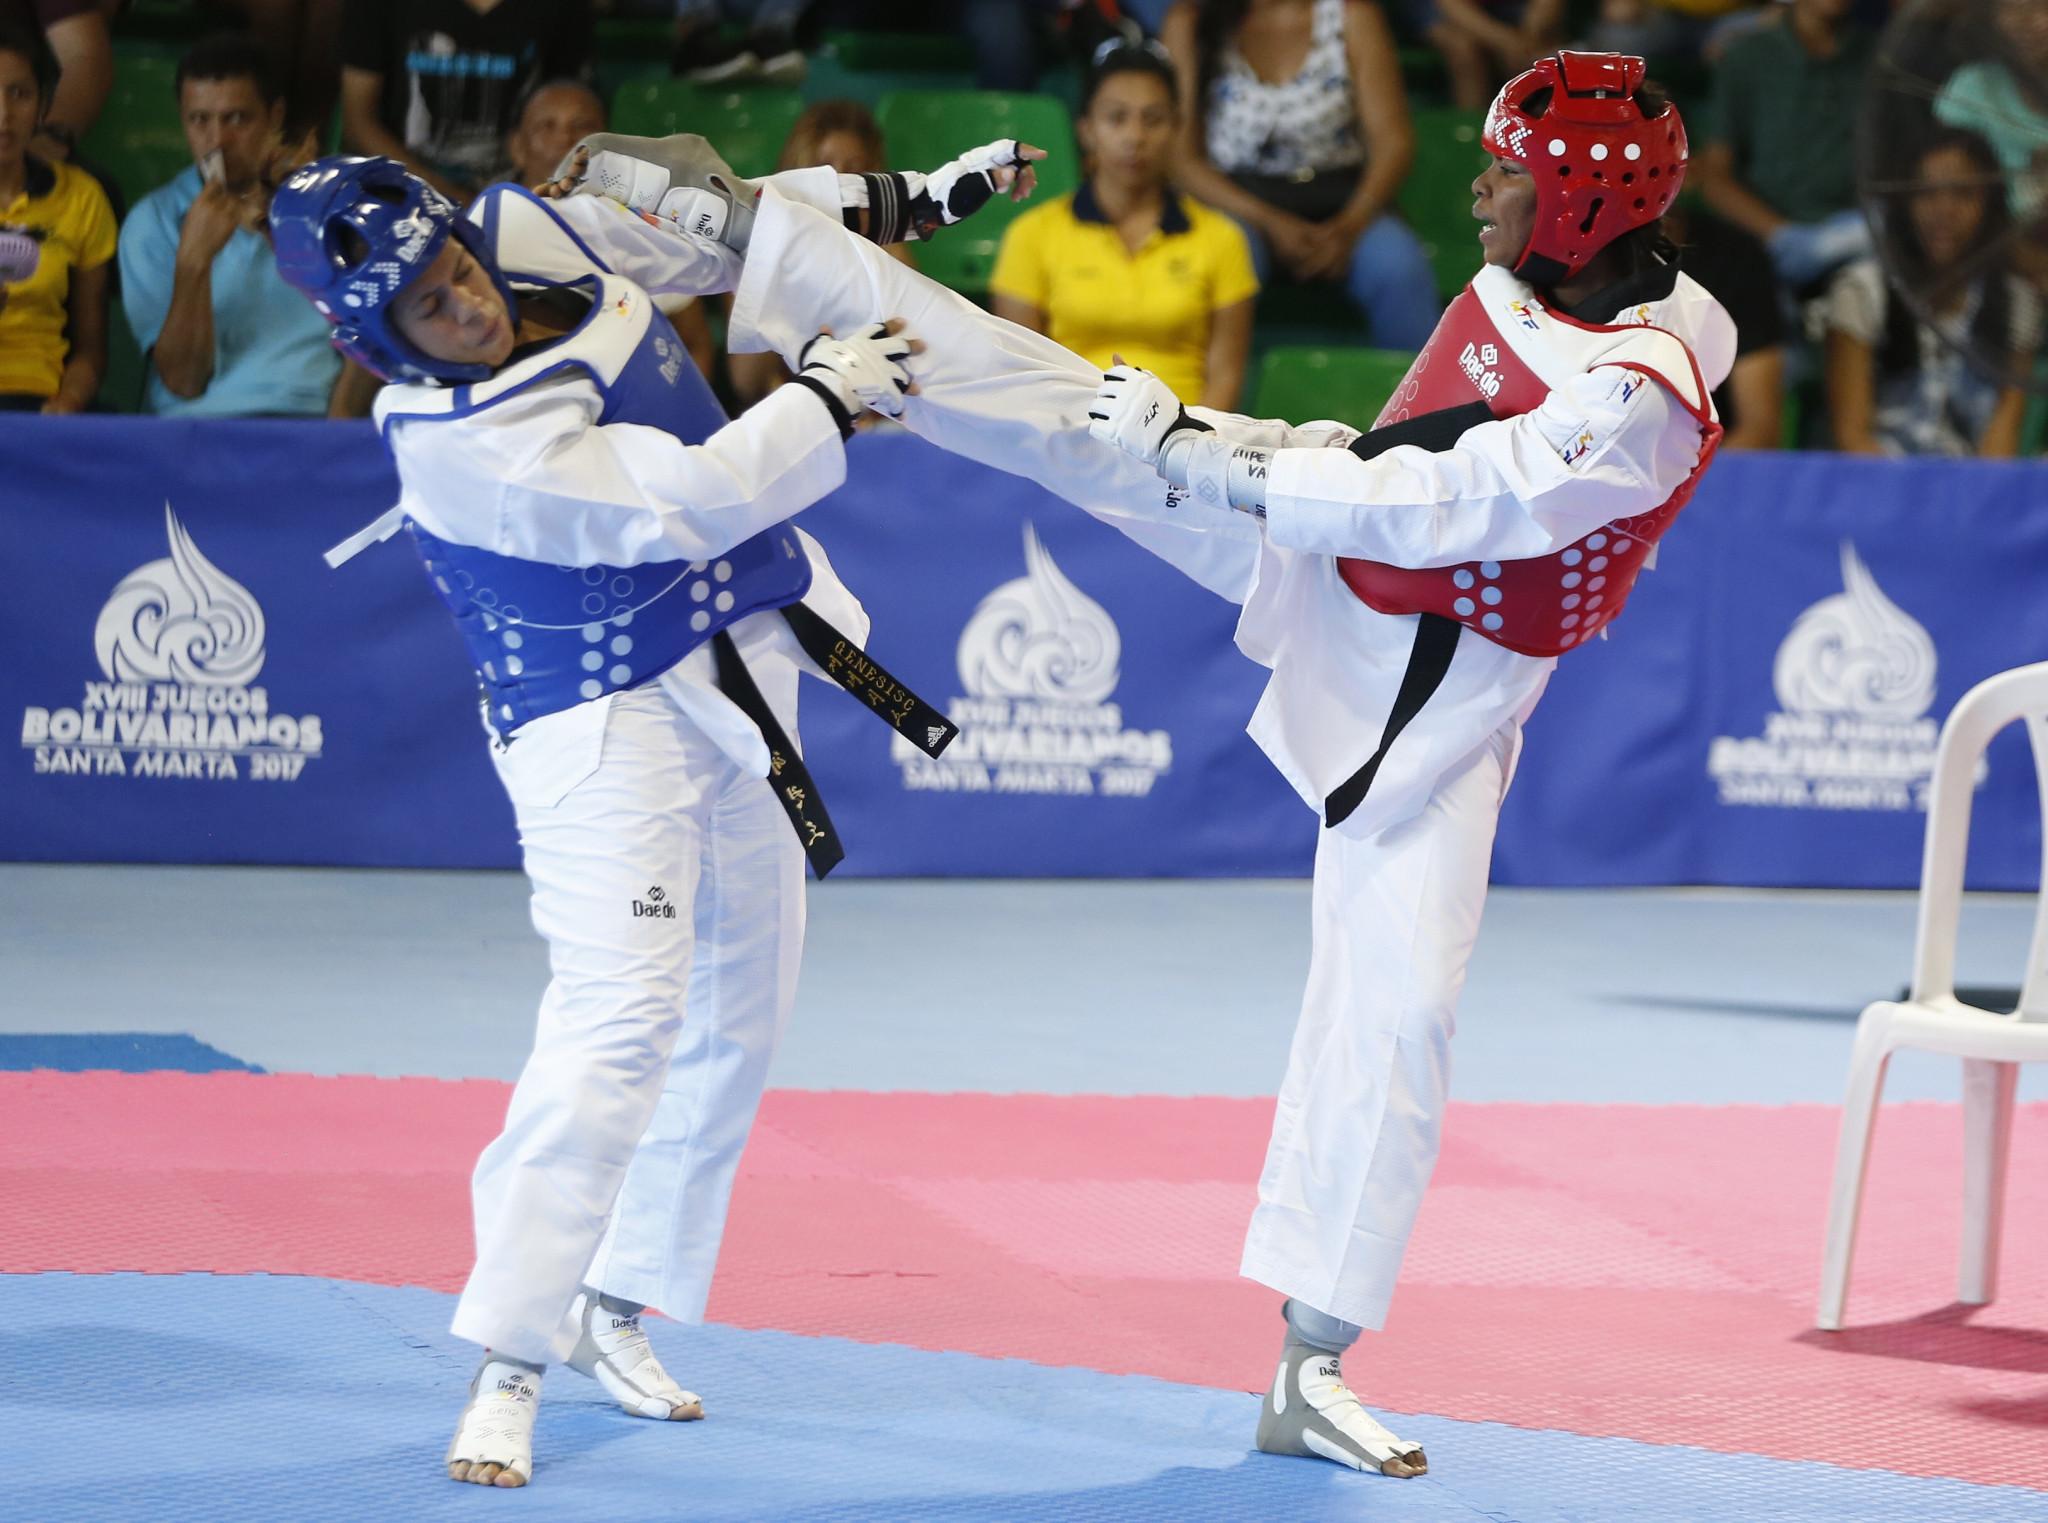 Venezuela taekwondo athletes handed lifeline ahead of Lima 2019 qualification tournament